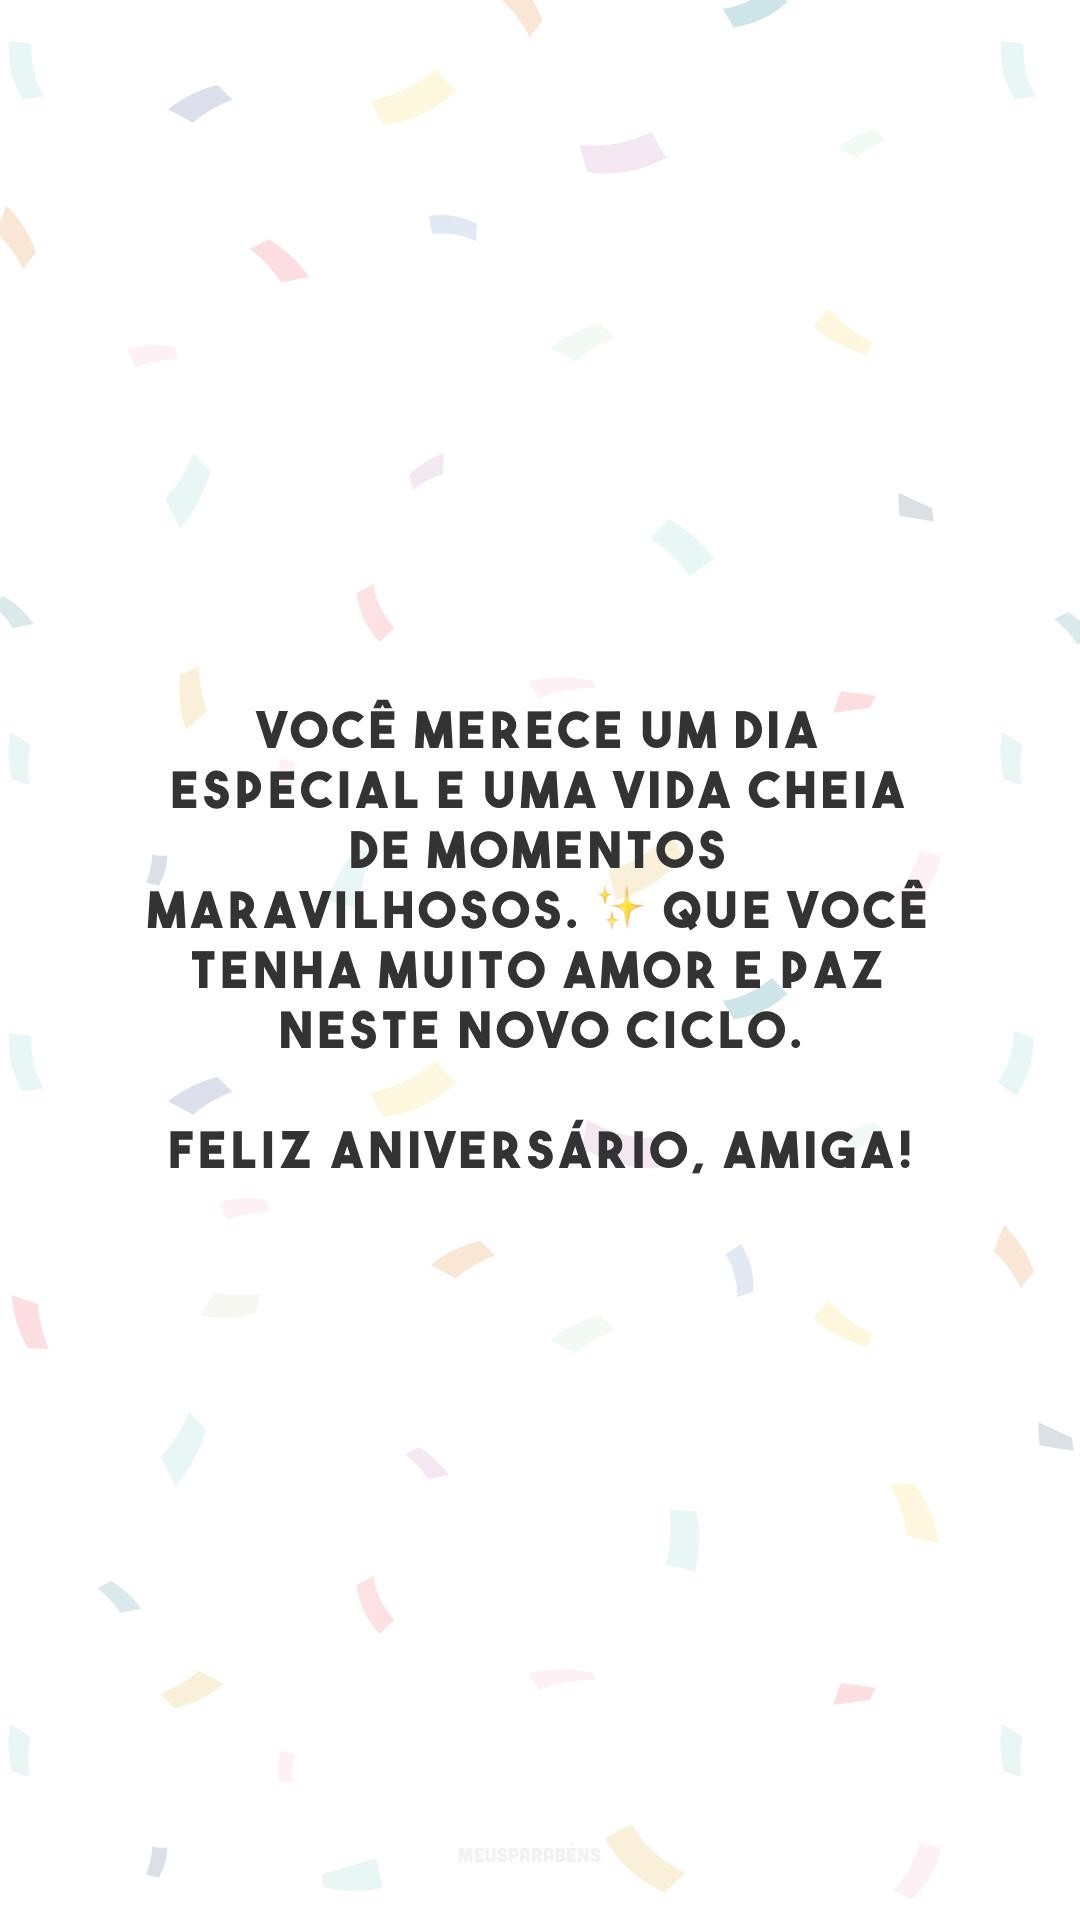 Você merece um dia especial e uma vida cheia de momentos maravilhosos. ✨ Que você tenha muito amor e paz neste novo ciclo. Feliz aniversário, amiga!